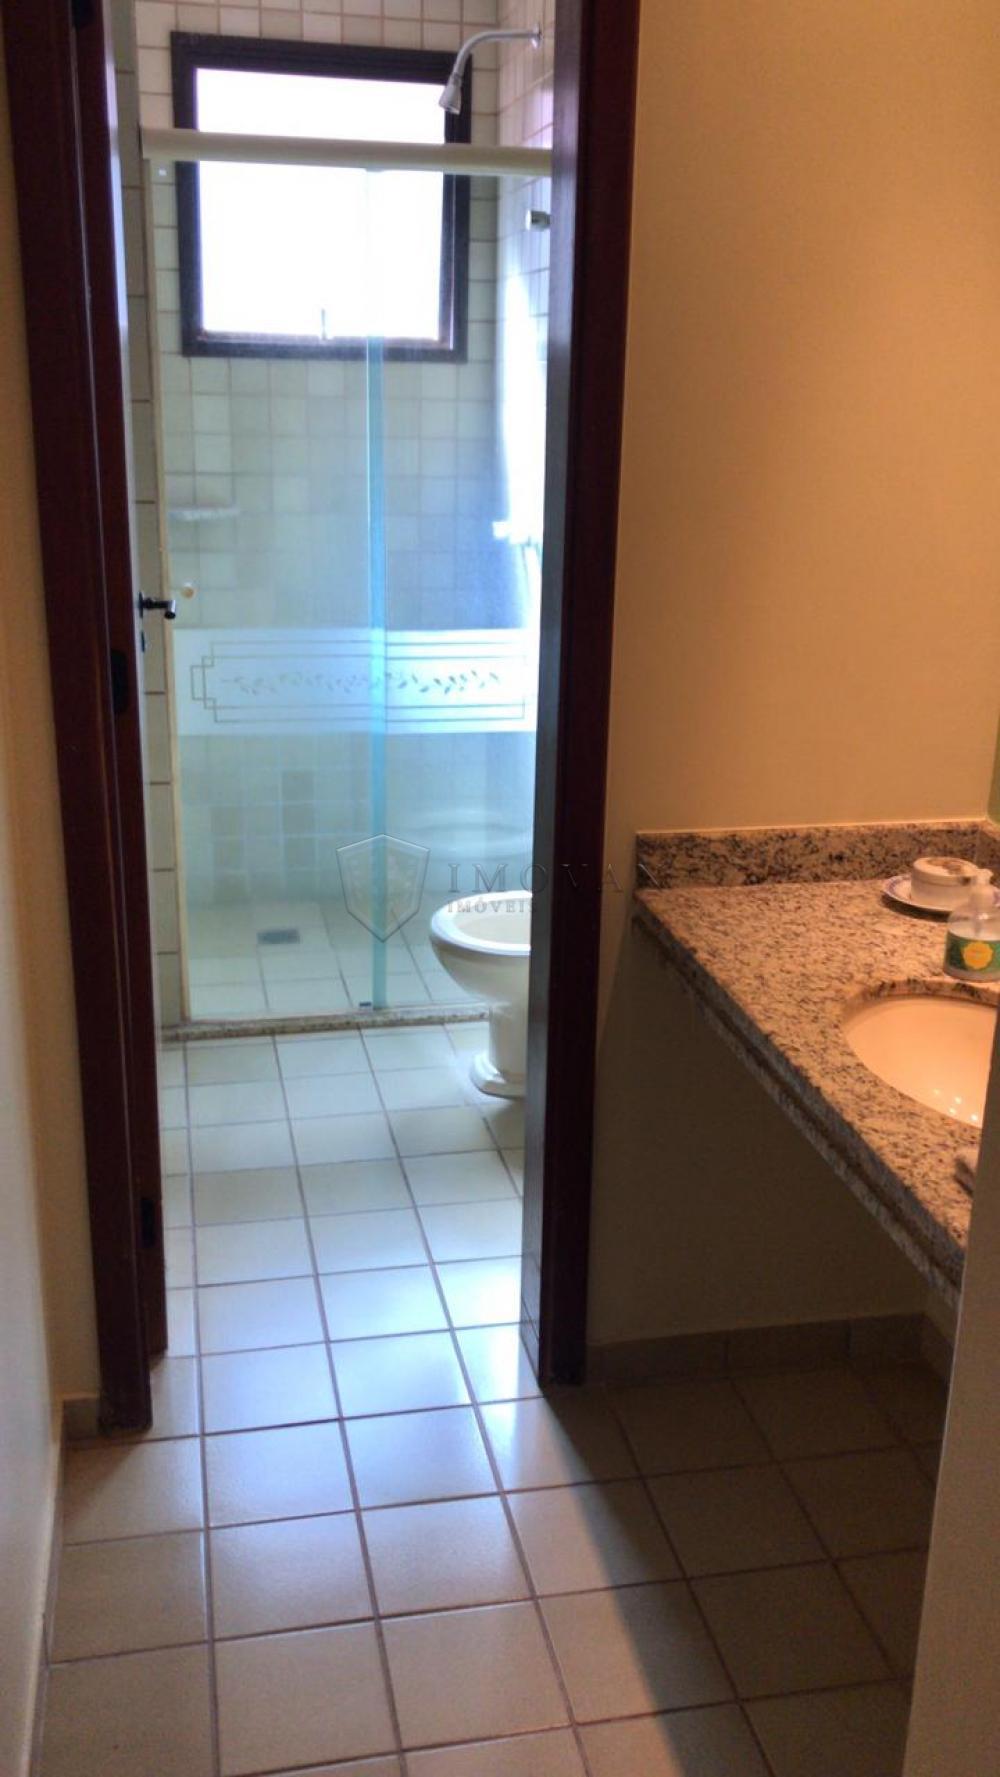 Comprar Apartamento / Padrão em Ribeirão Preto R$ 550.000,00 - Foto 16